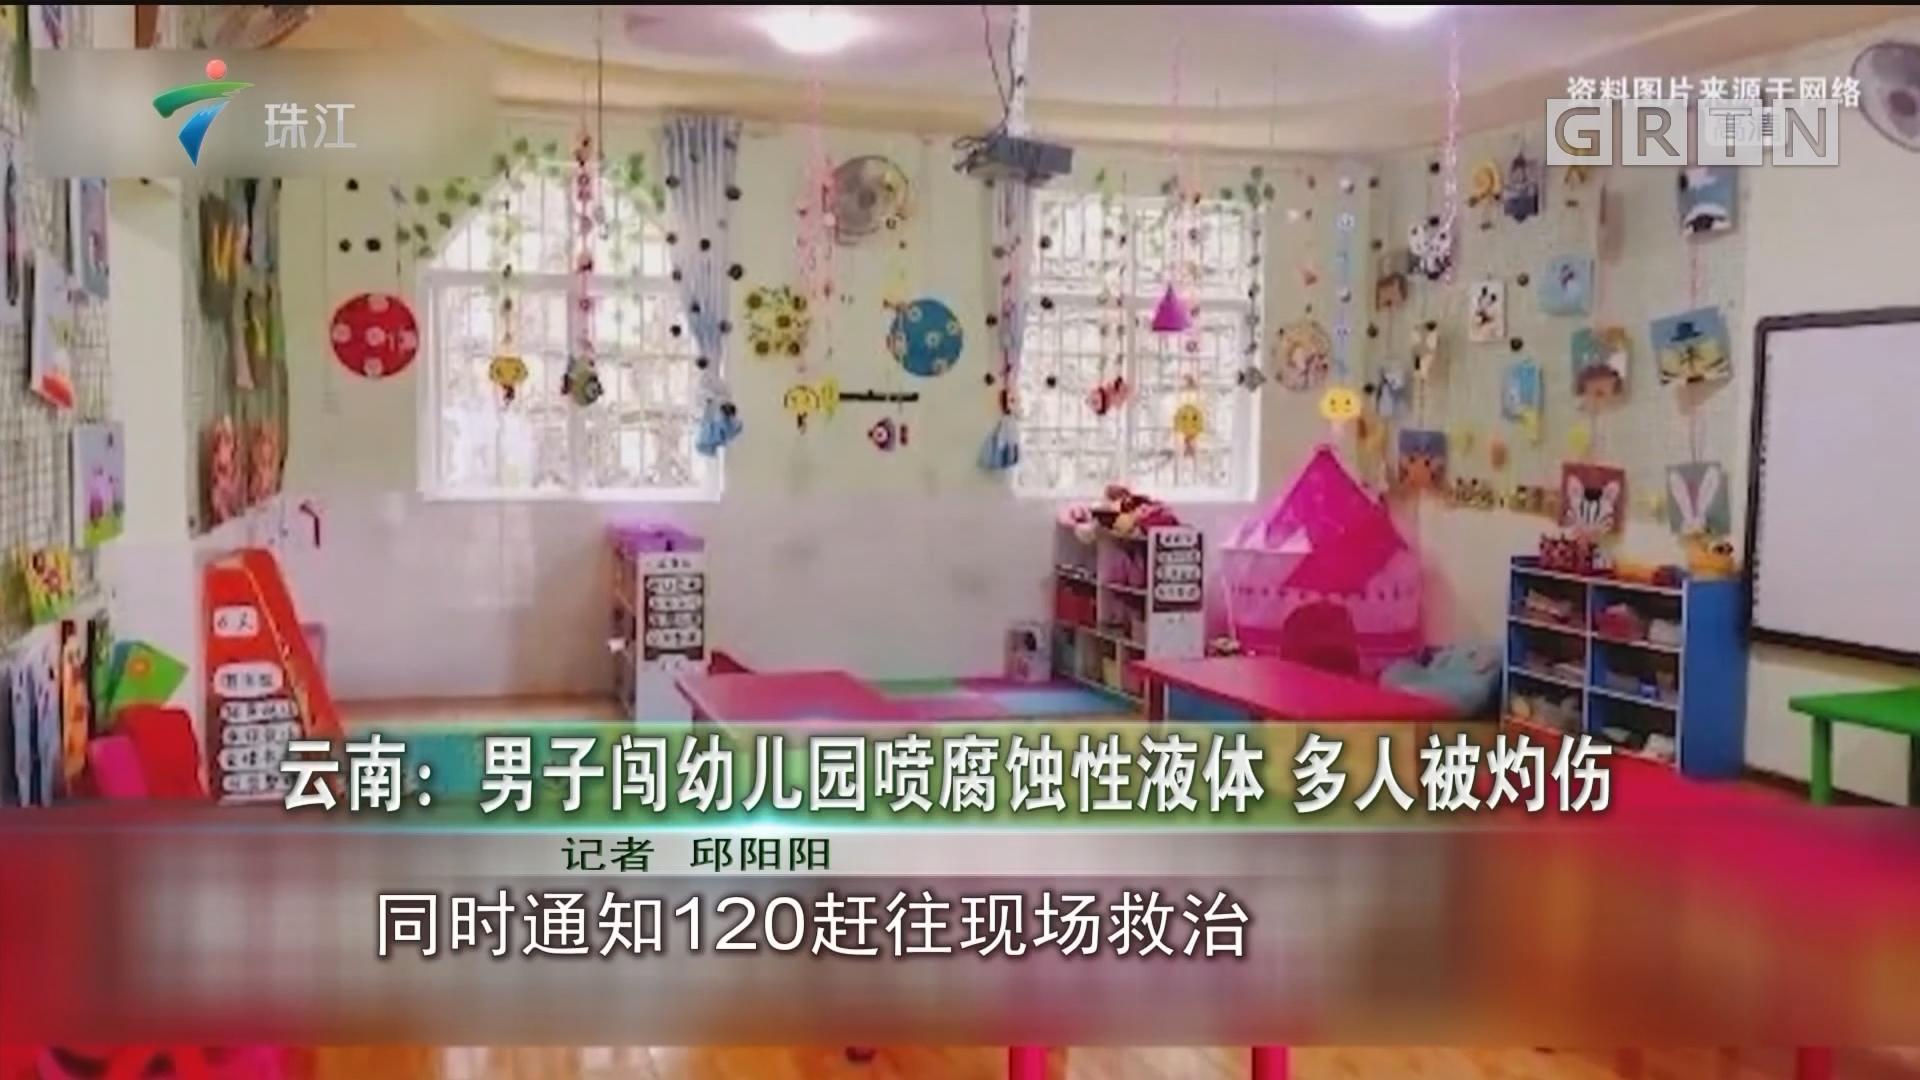 云南:男子闯幼儿园喷腐蚀性液体 多人被灼伤